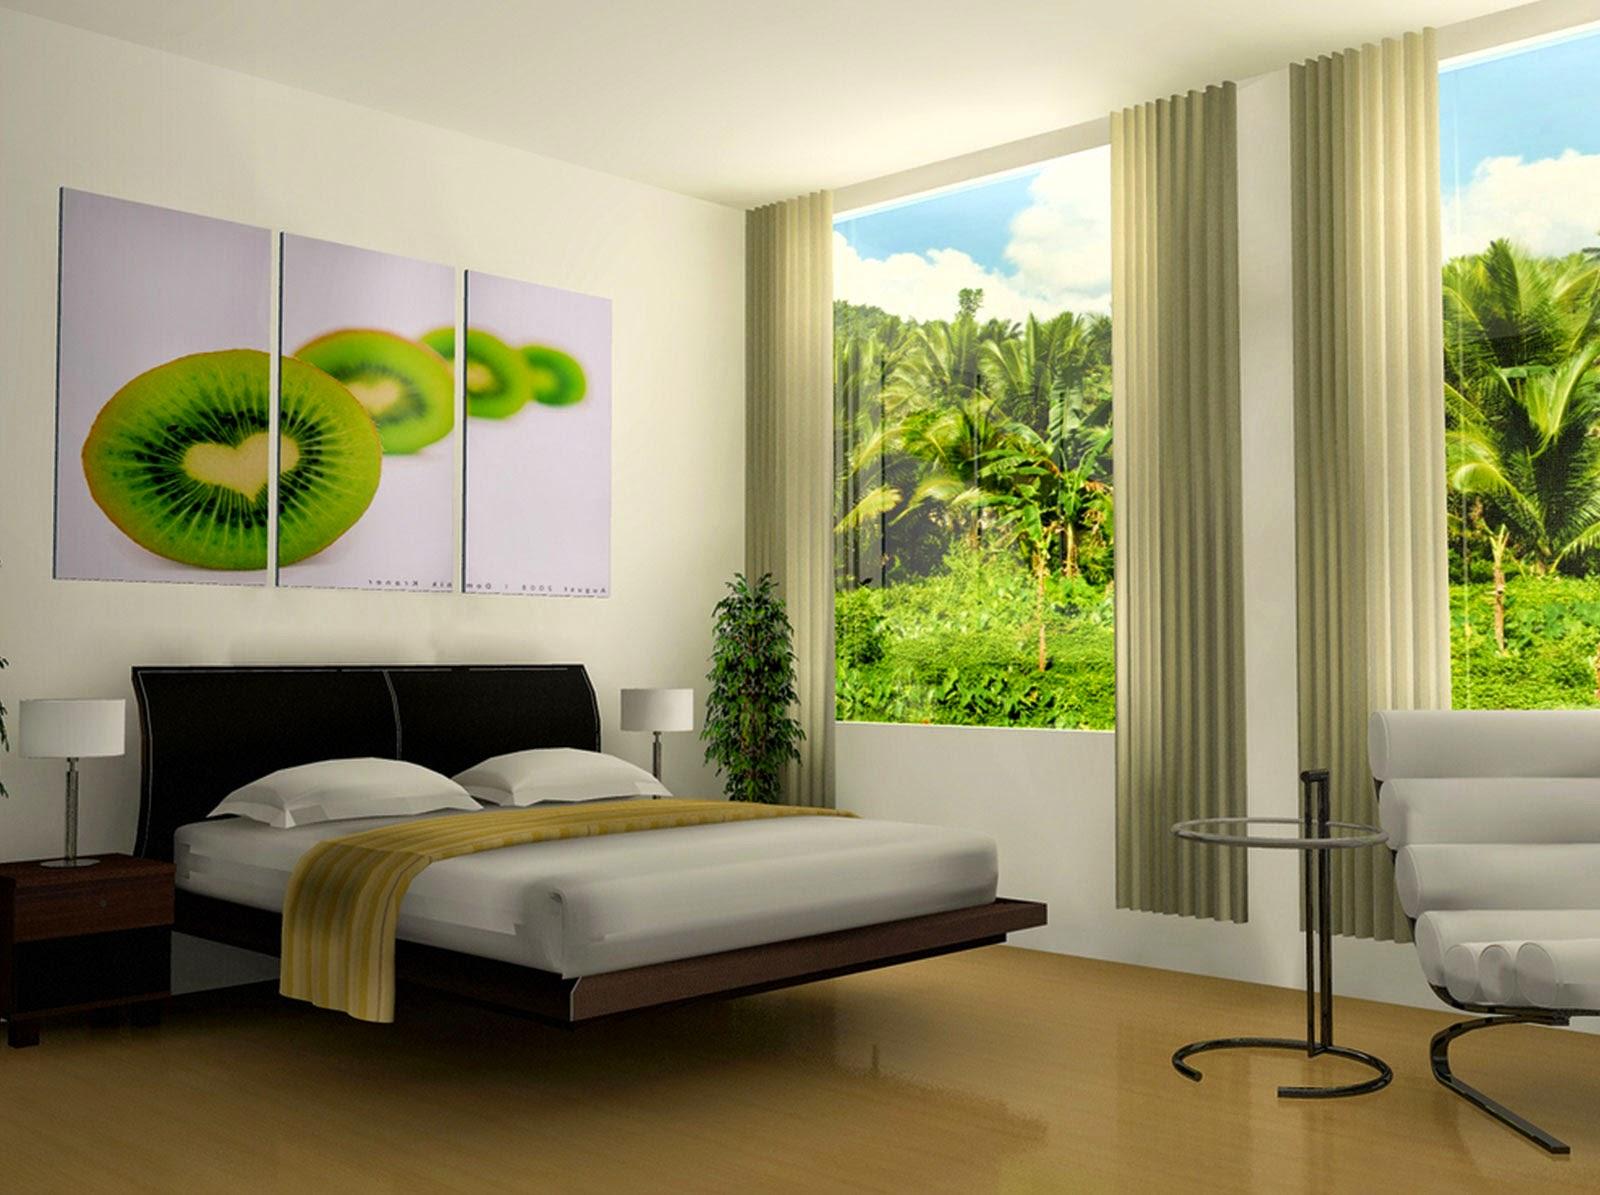 contoh desain dan cat dinding untuk kamar tidur minimalis | rumah